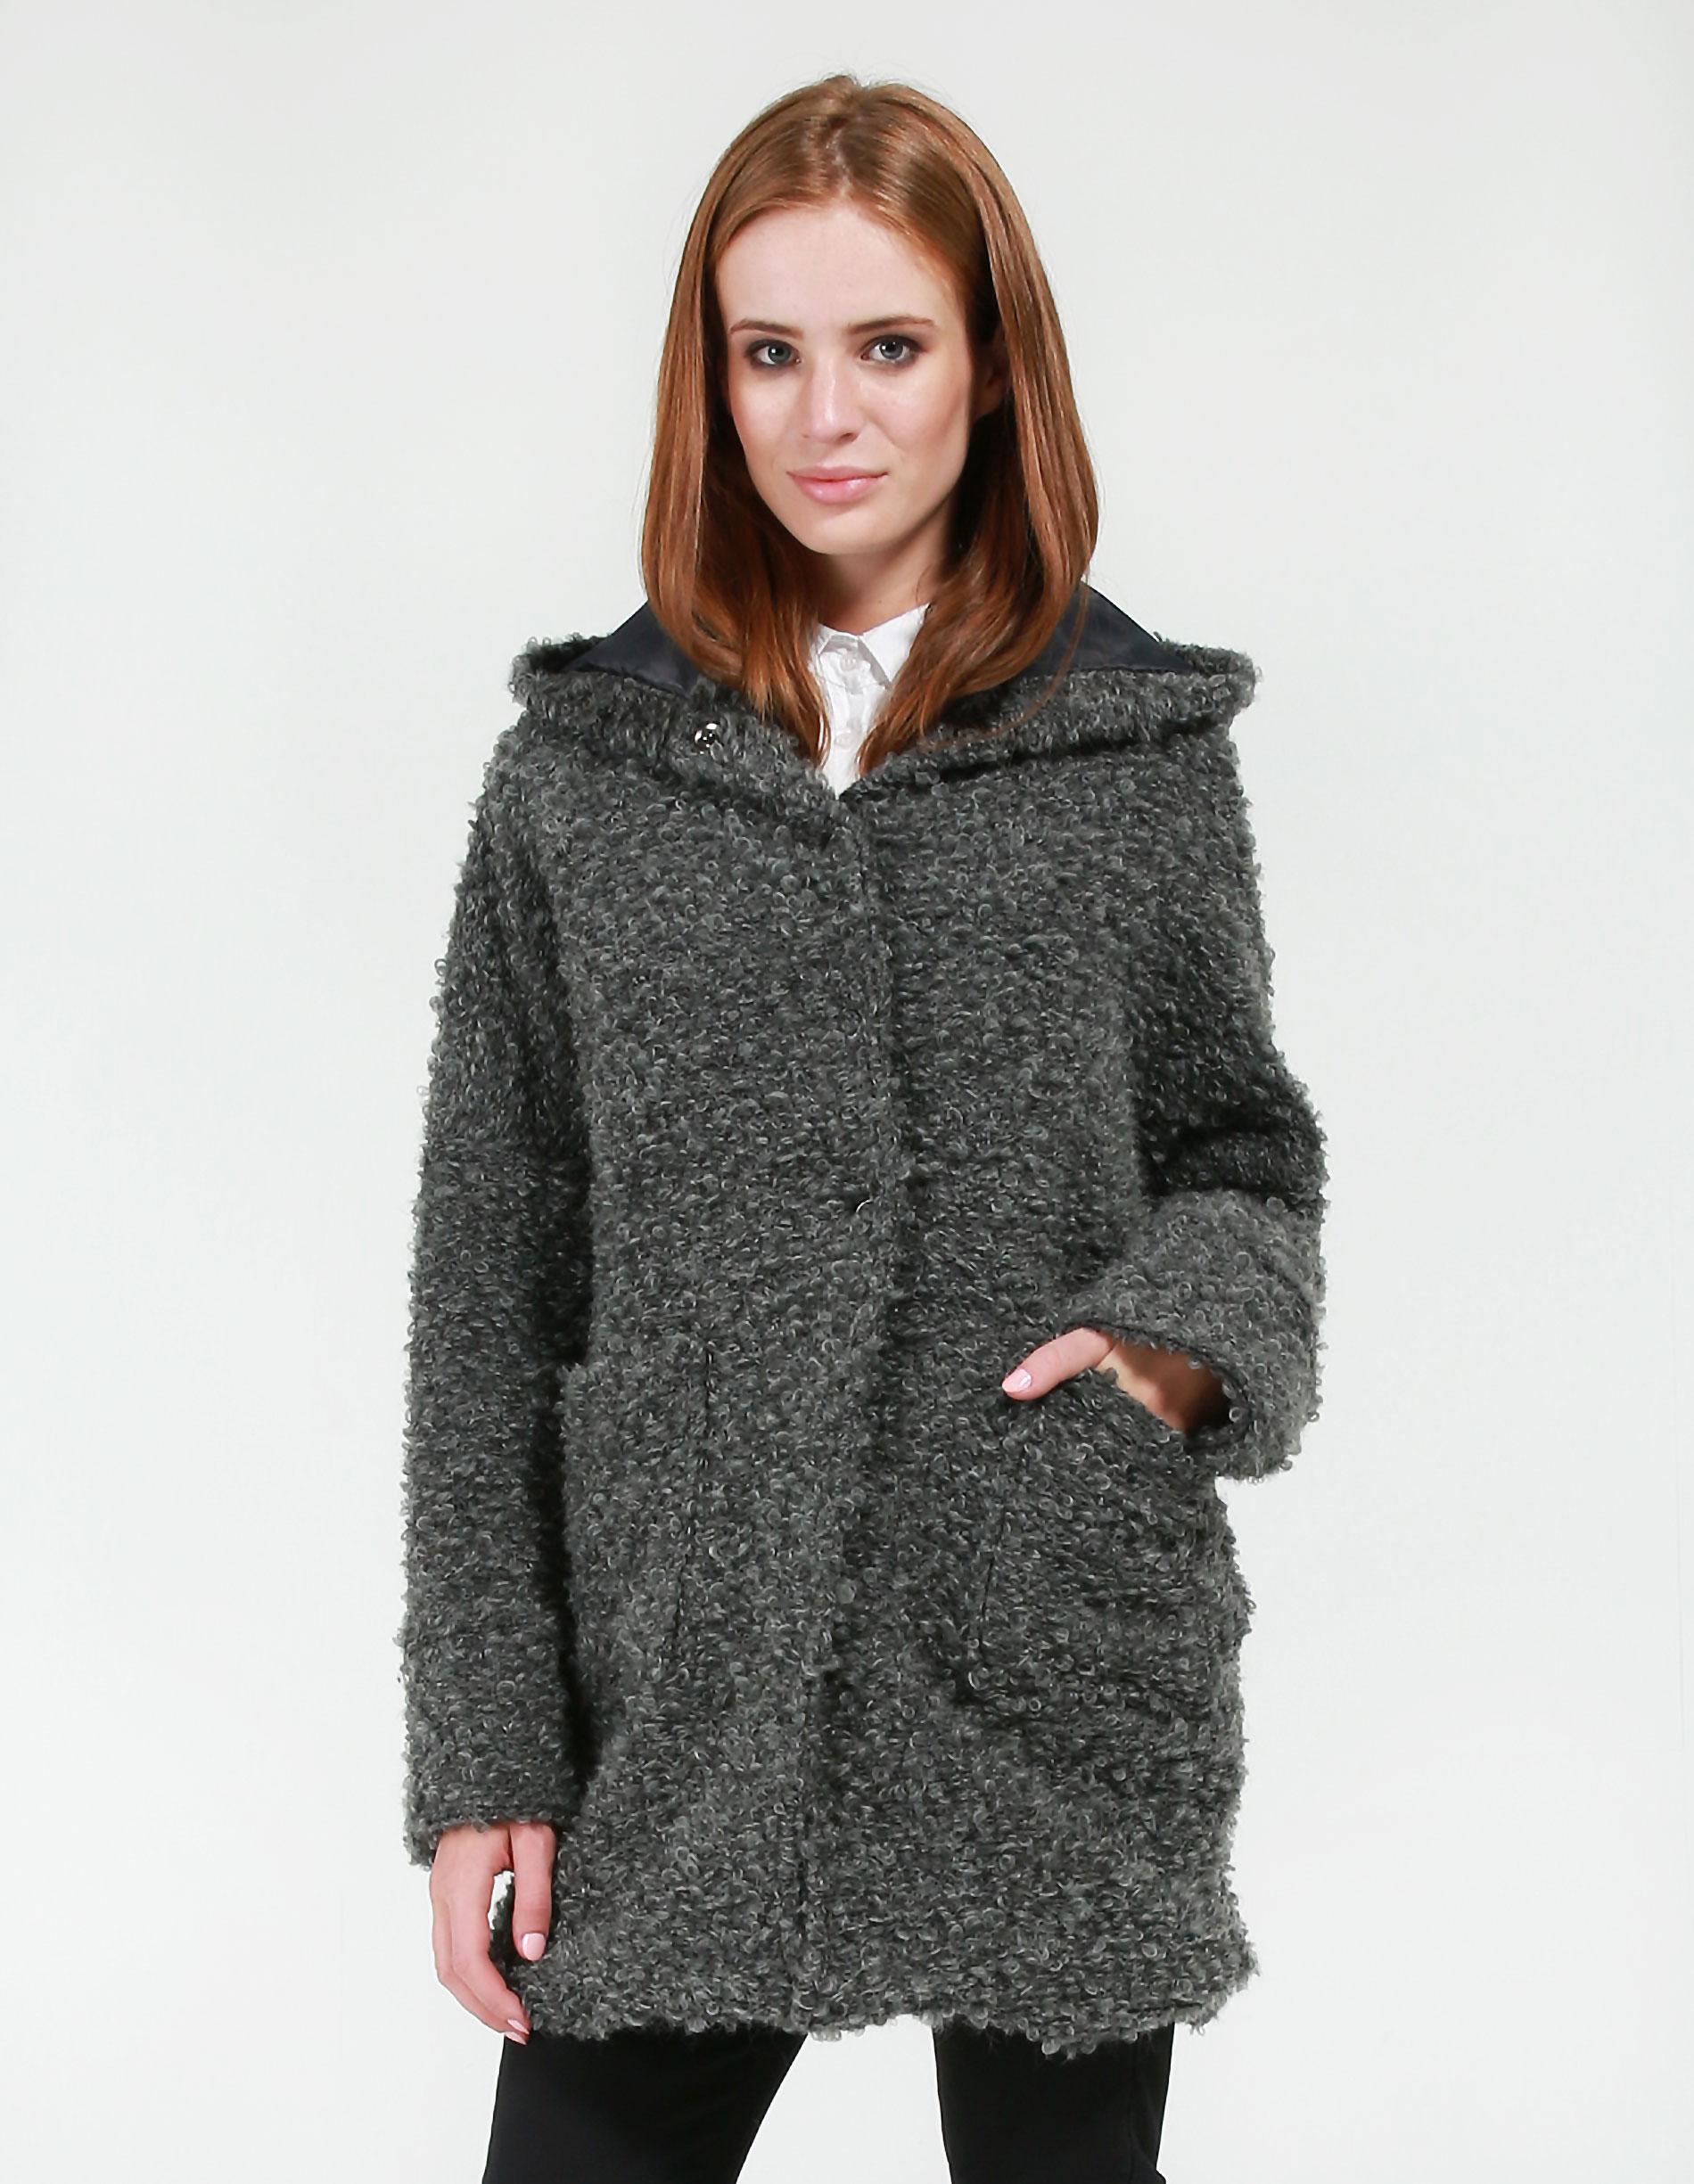 Płaszcz materiałowy - 175-6013 GRSC - Unisono